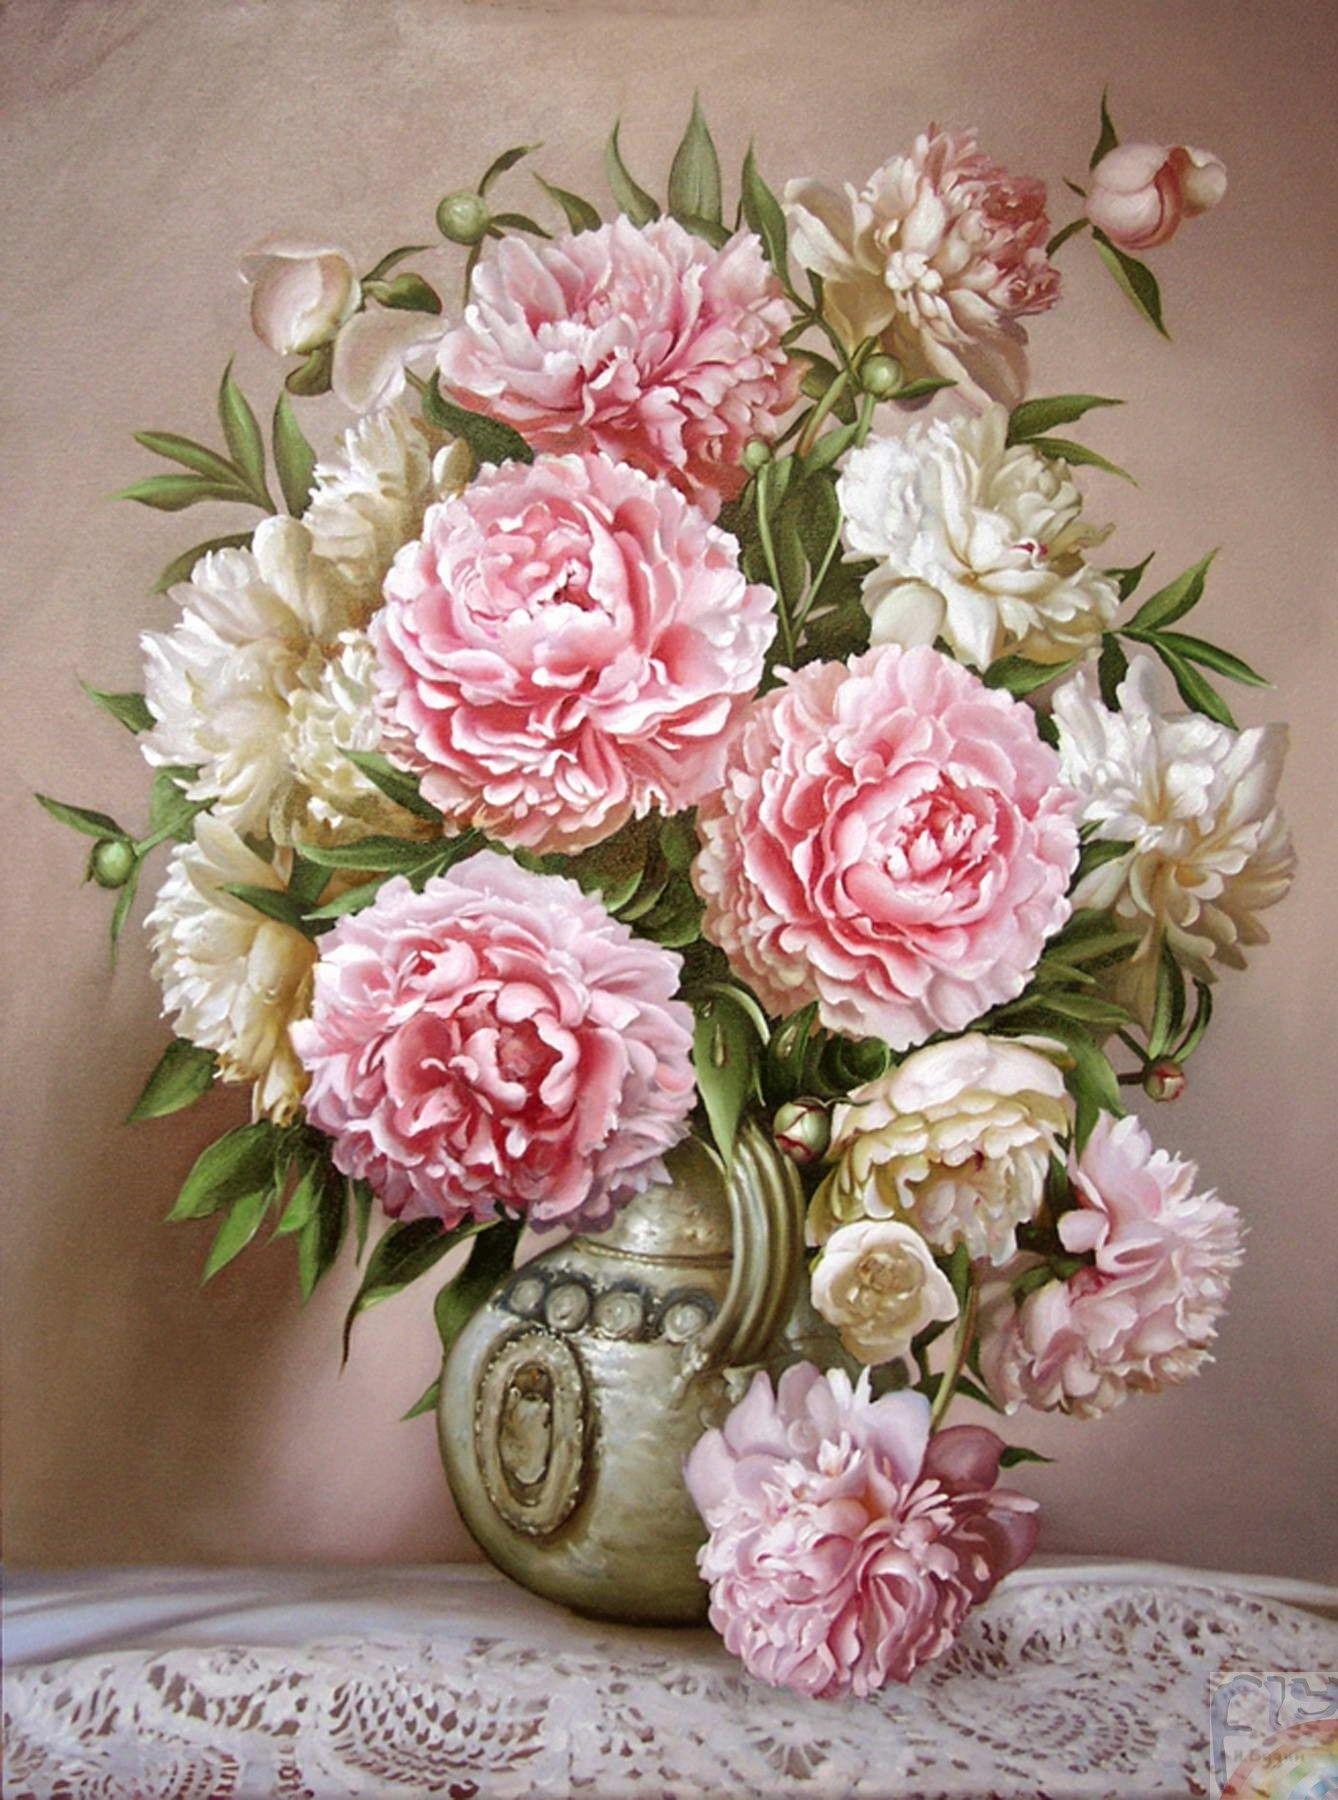 Pin von Ella B auf Flowers & Still life   Pinterest   Stillleben ...